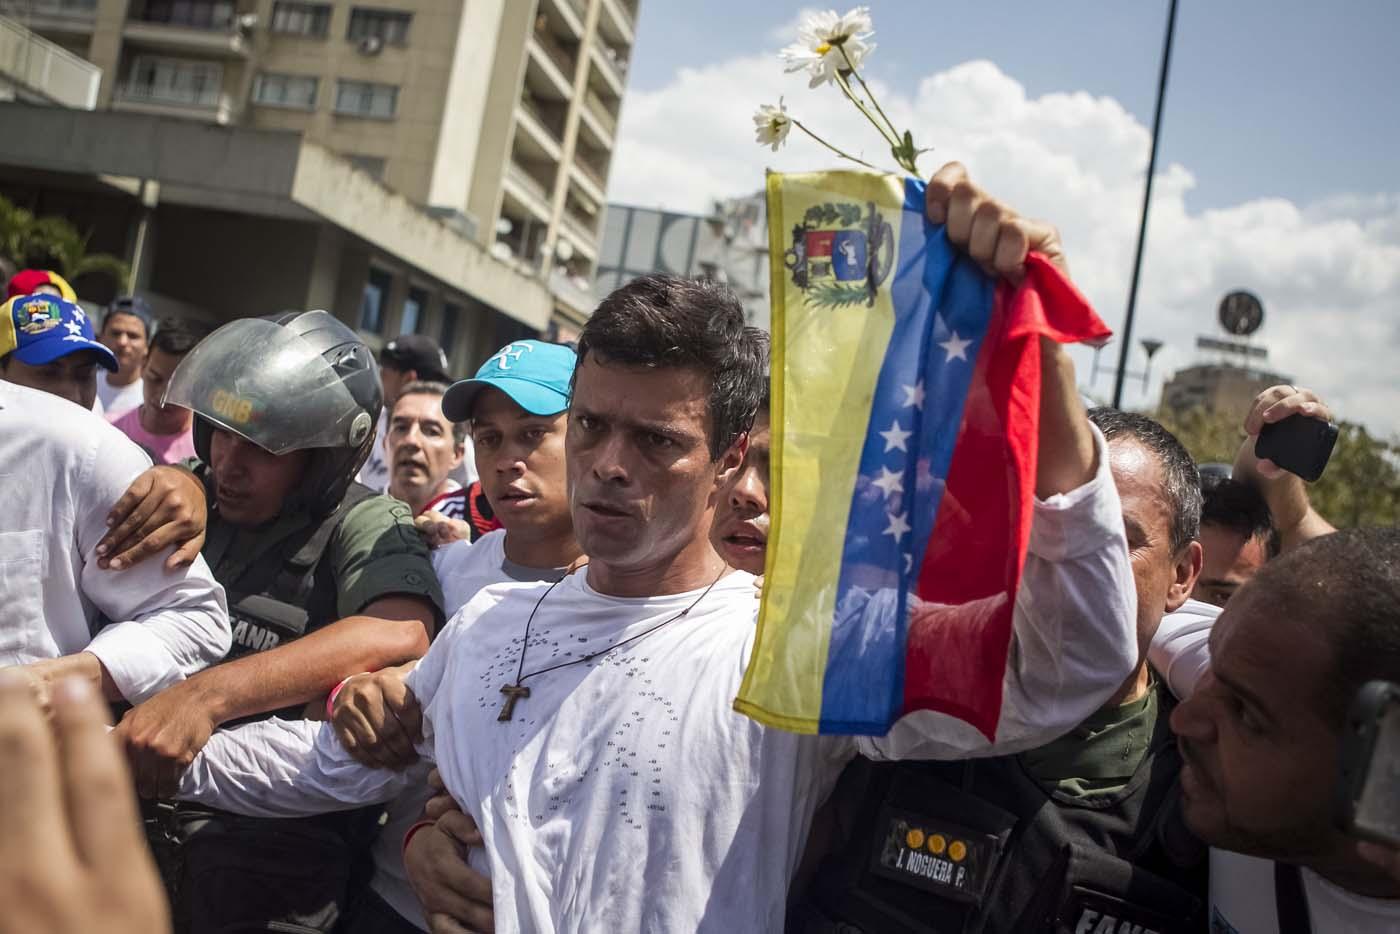 """CAR703. CARACAS (VENEZUELA), 17/02/2017.- Fotografía de archivo del opositor venezolano Leopoldo López durante una manifestación en la ciudad de Caracas (Venezuela). López aseguró desde la cárcel en una entrevista exclusiva con Efe que el considerado número dos del chavismo, Diosdado Cabello, reconoció poco antes de su detención ante su esposa, Lilian Tintori, y sus padres que él era """"inocente"""" y que su situación obedecía a una """"medida política"""". EFE/MIGUEL GUTIERREZ"""